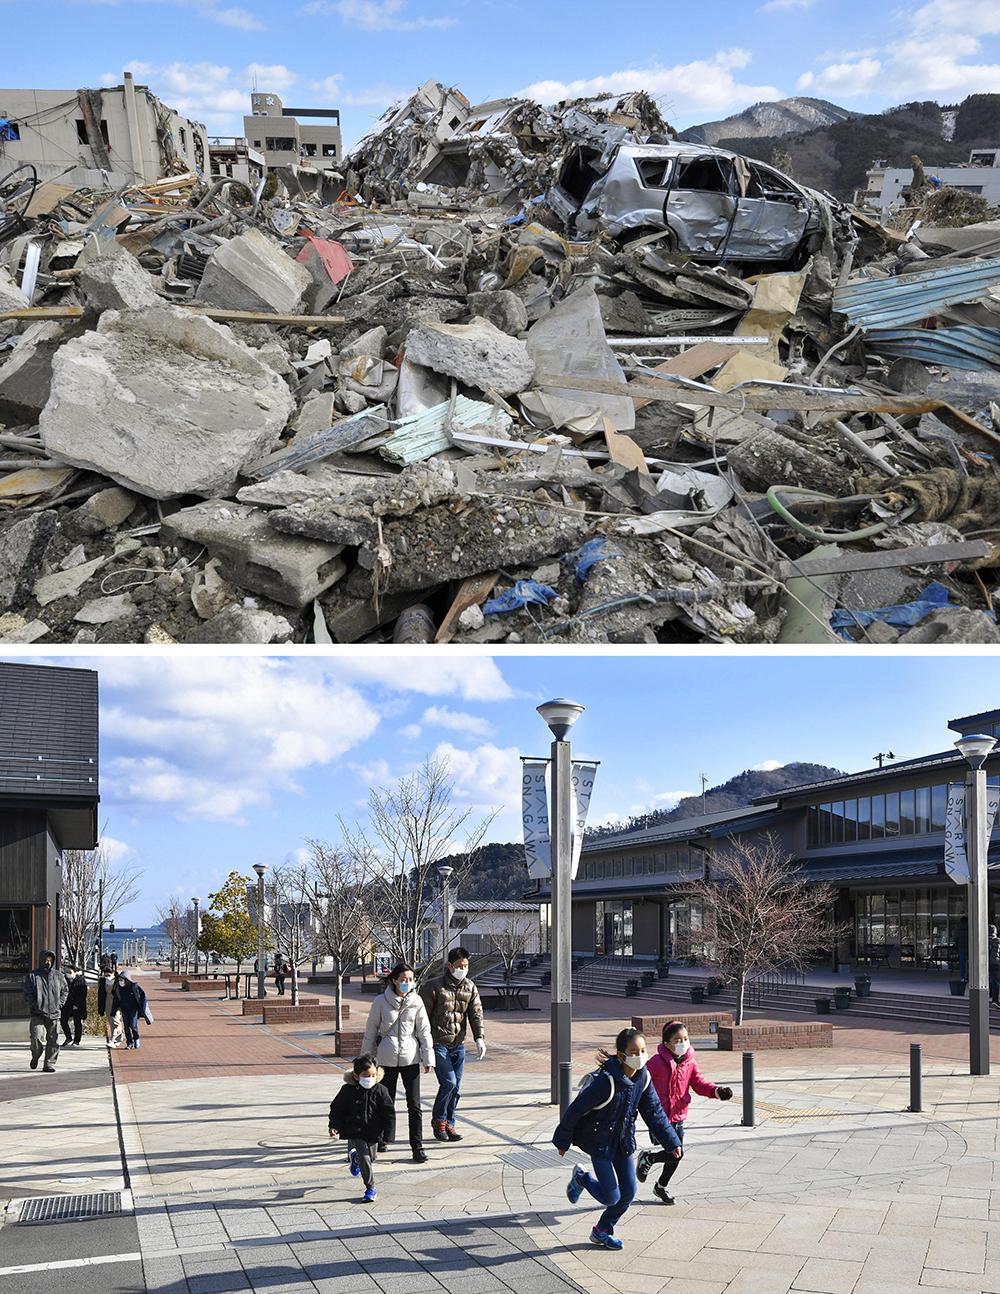 2021年3月1日报道,日本,实拍受东日本大地震影响地区的重建前后对比。上图为当地时间2011年3月18日,日本女川,东日本大地震发生后当地一片狼藉。下图为当地时间2021年1月31日,日本女川,实拍地震十周年后的重建区域。